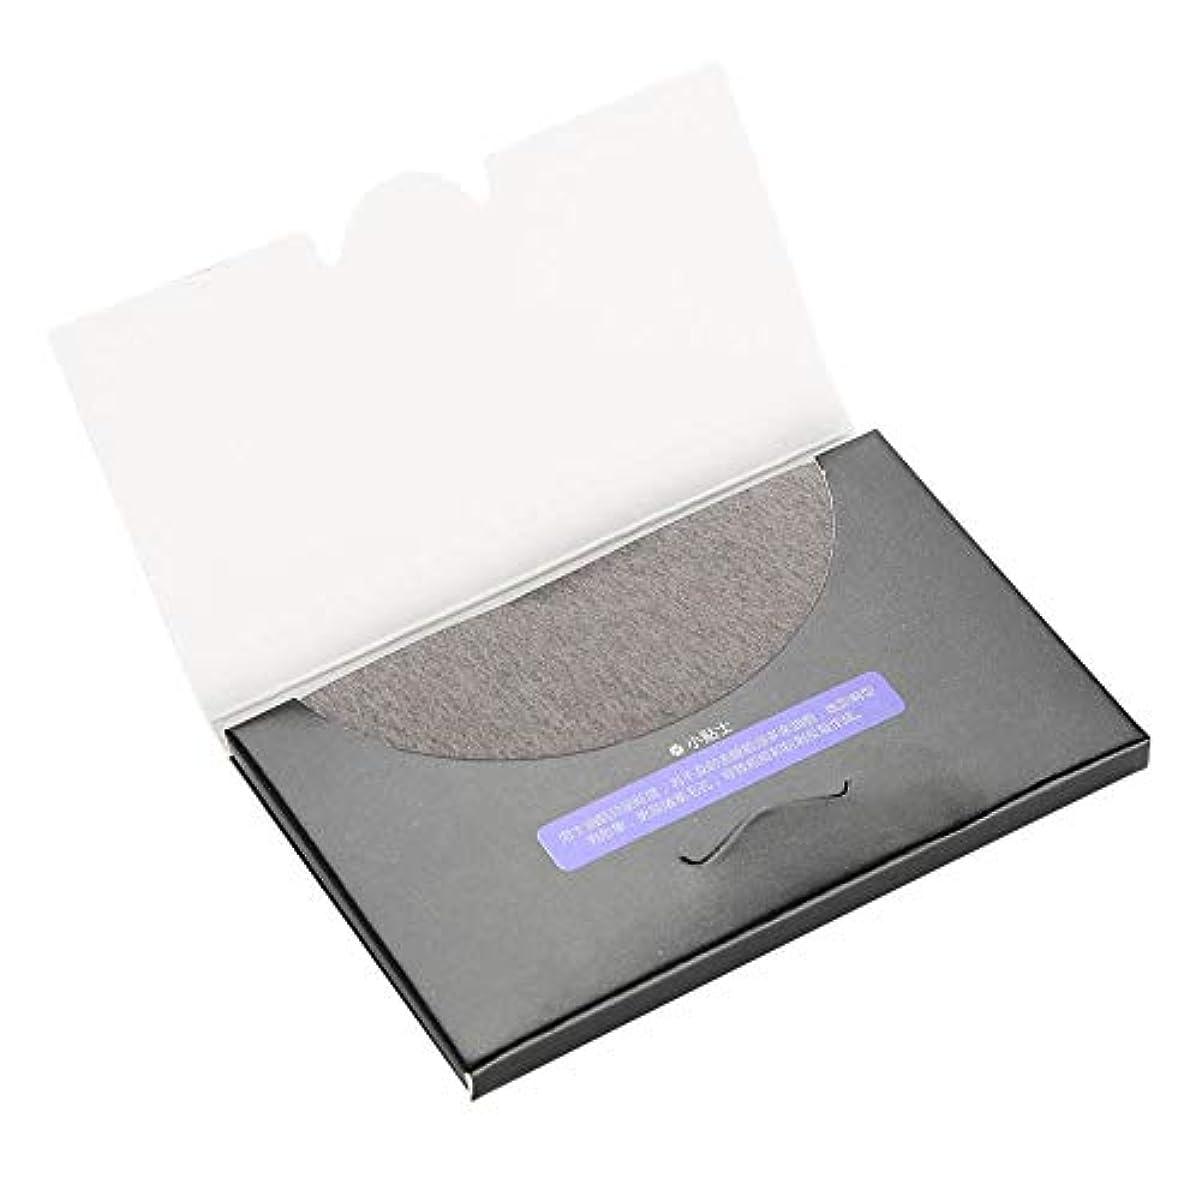 負担クローゼットの面では80枚/袋吸油布 - 化粧フィルムのクリーニング、吸い取り紙の消去 - きれいな吸い取り紙